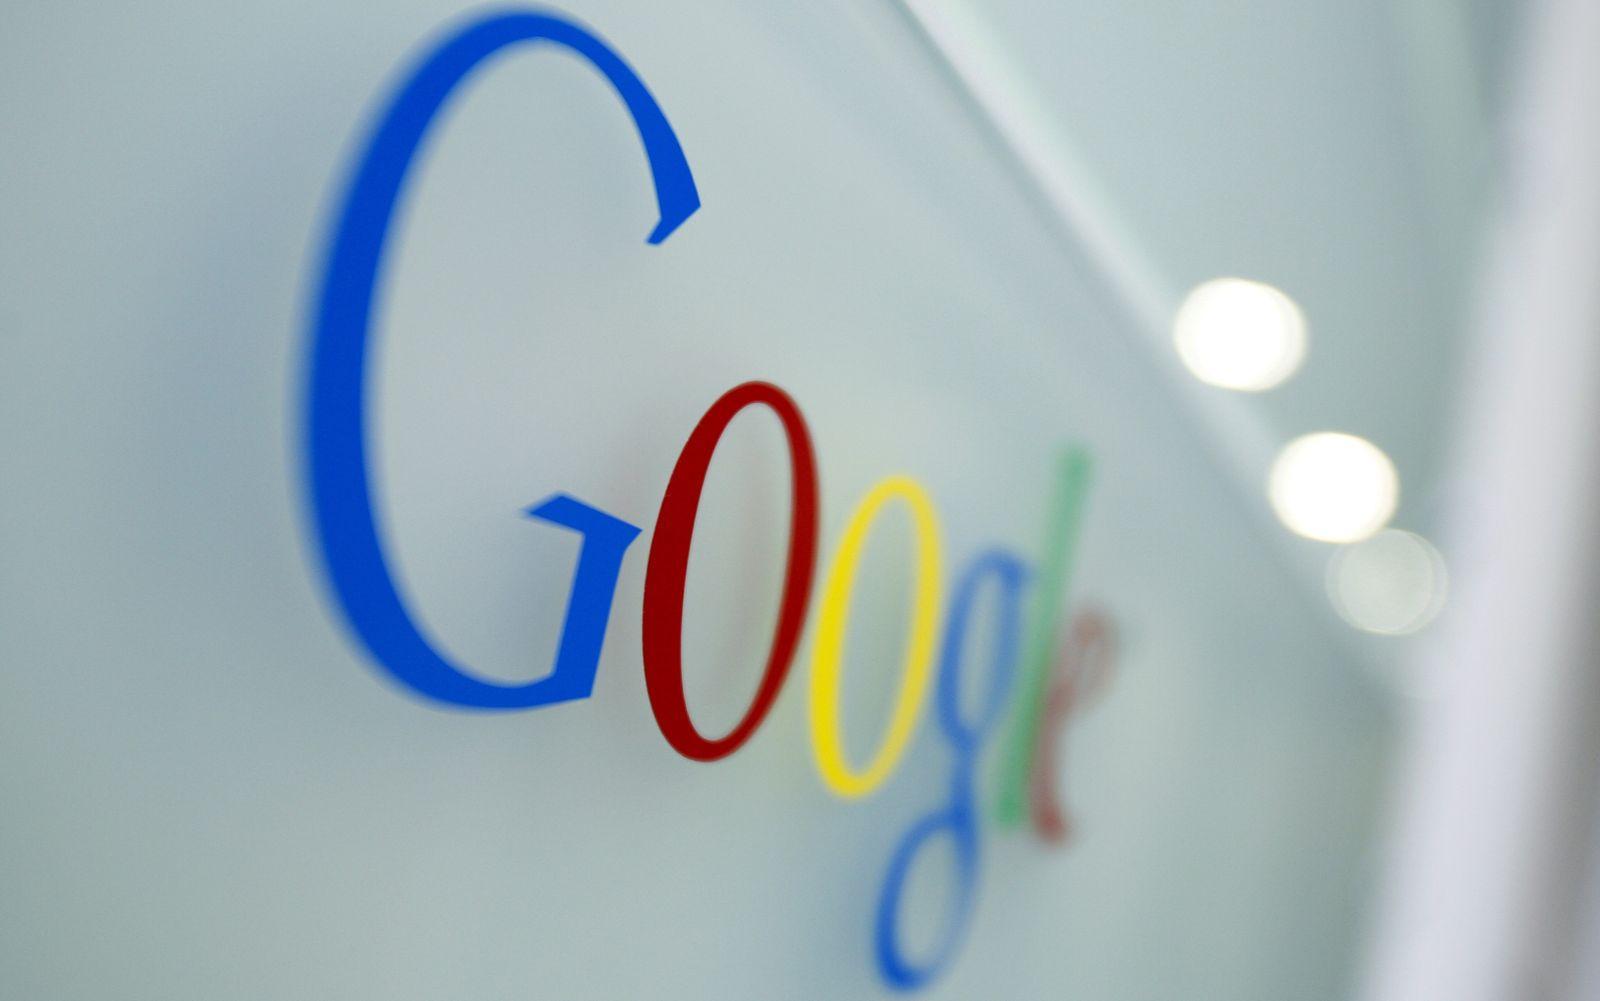 NICHT VERWENDEN Google Logo